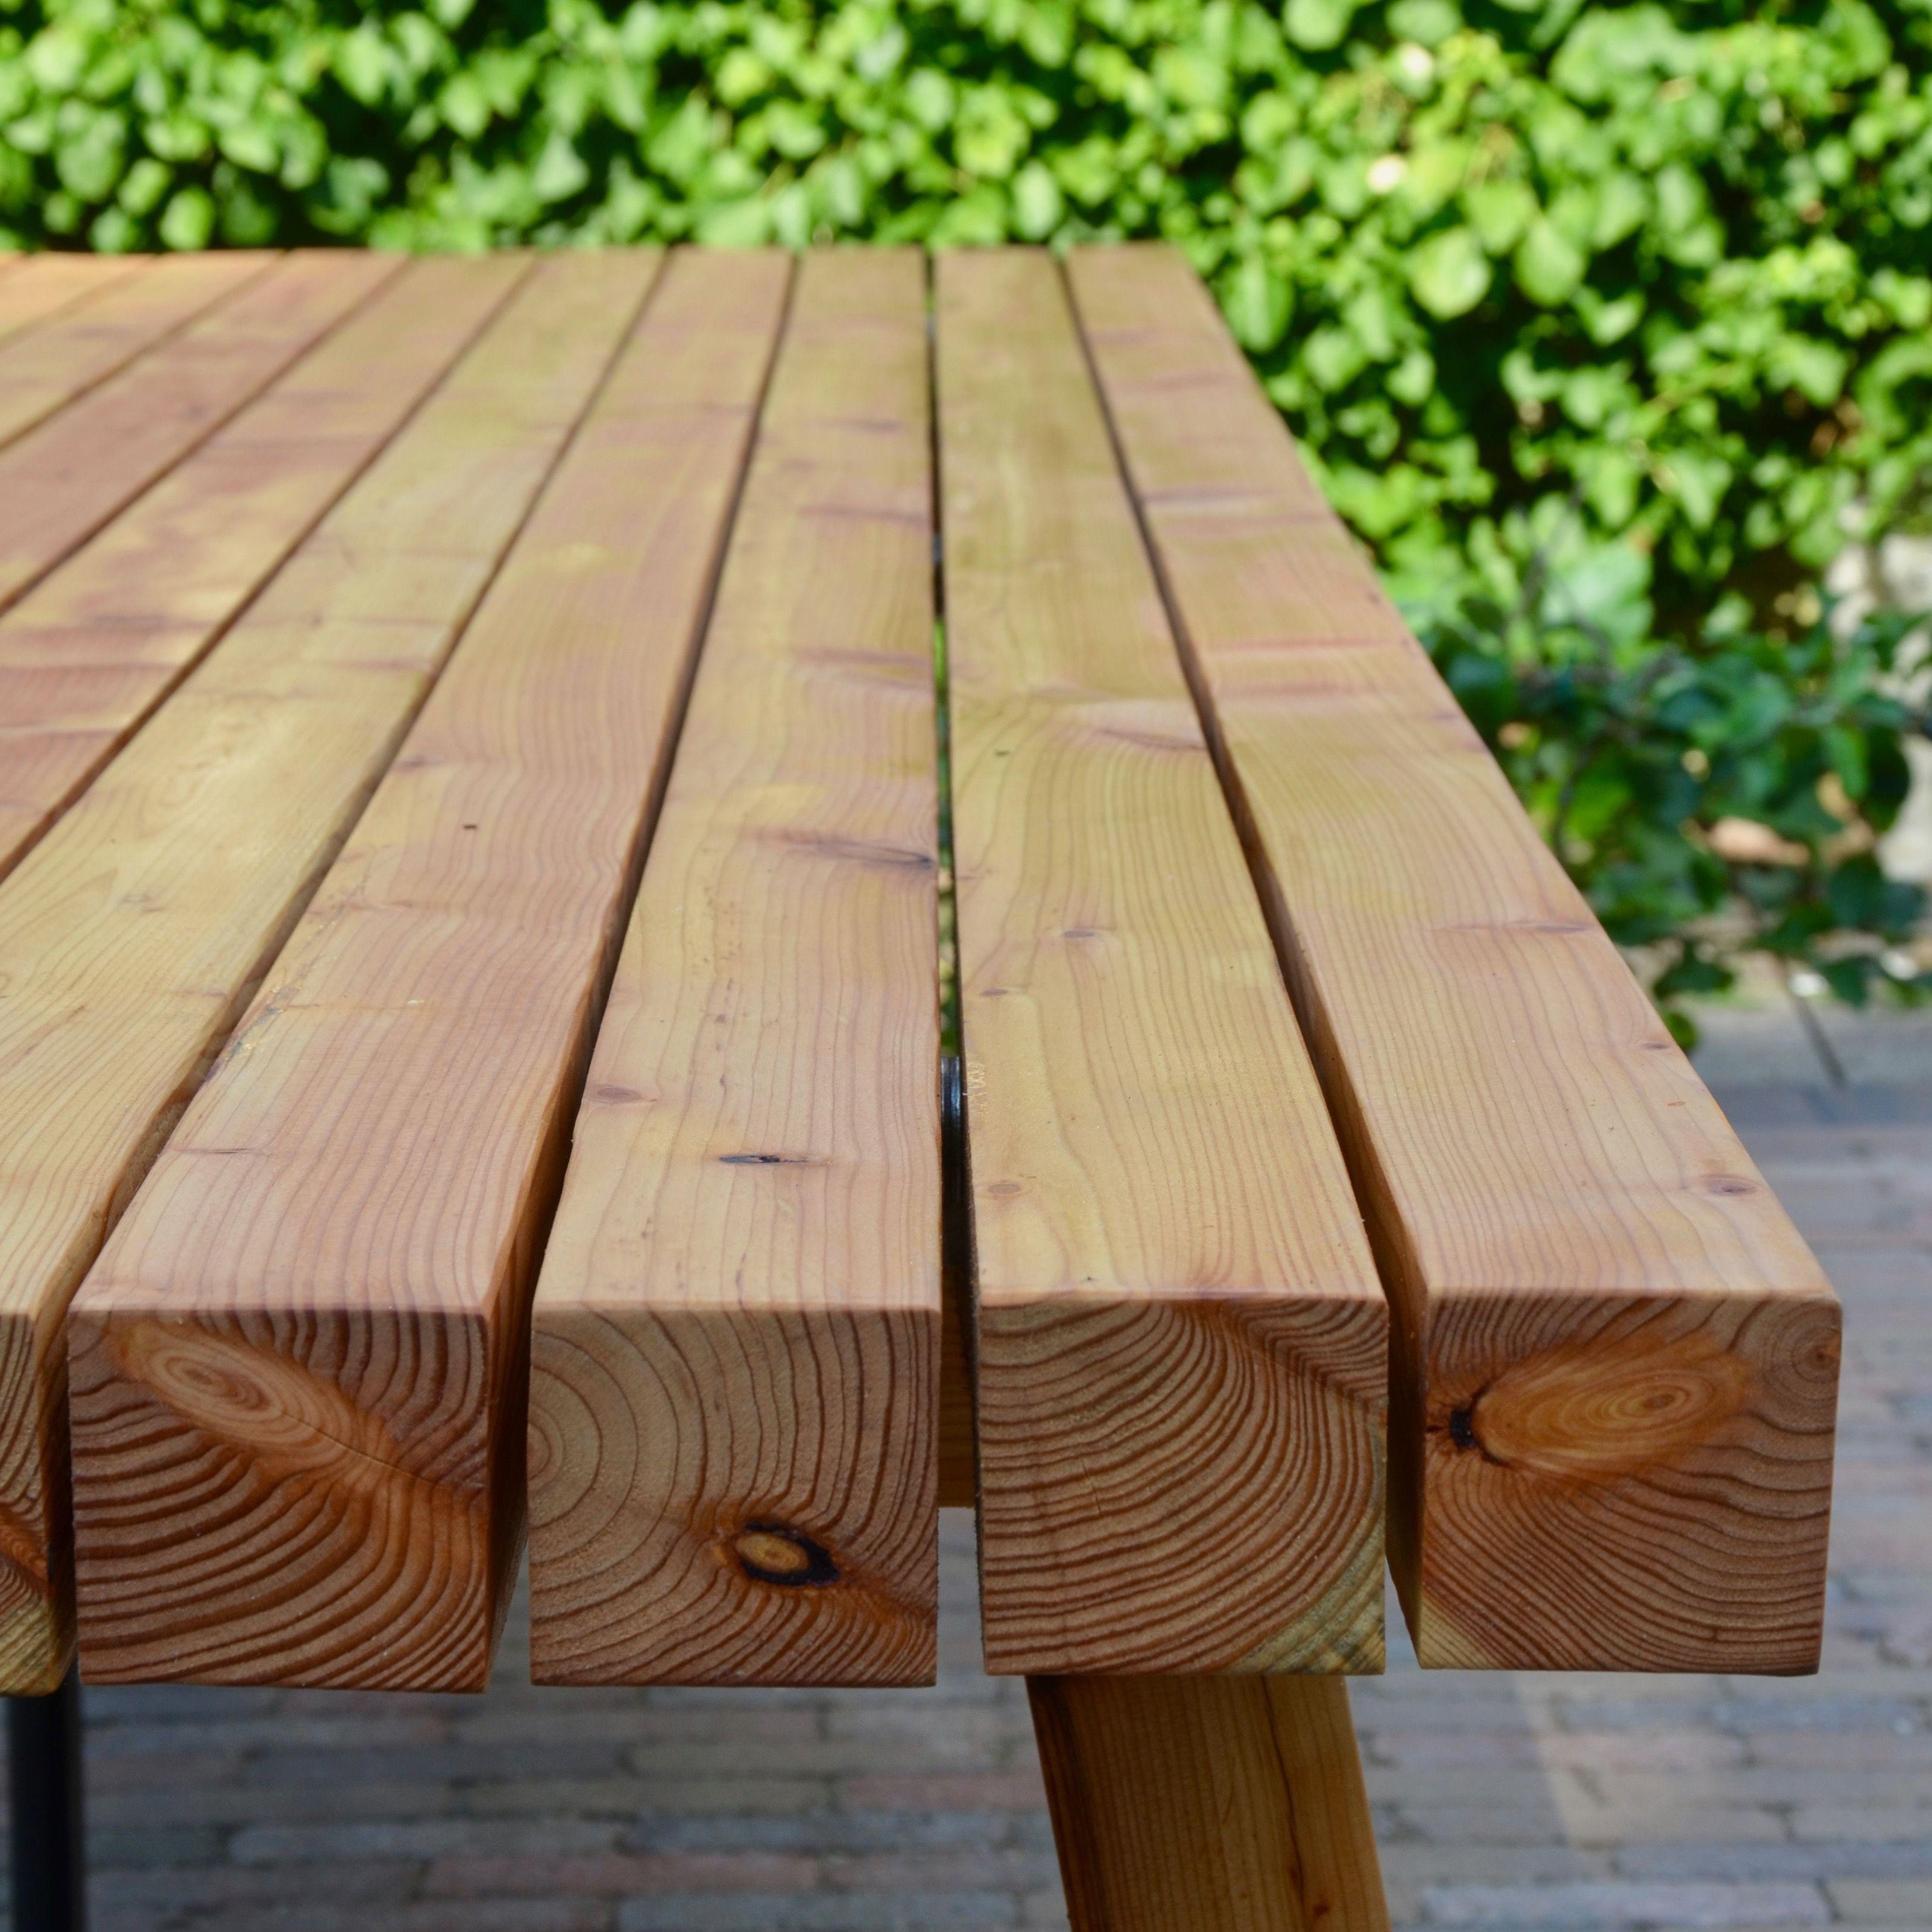 Beste Tuintafel van houten balken in 2019 | Balken Buitentafel AS-93